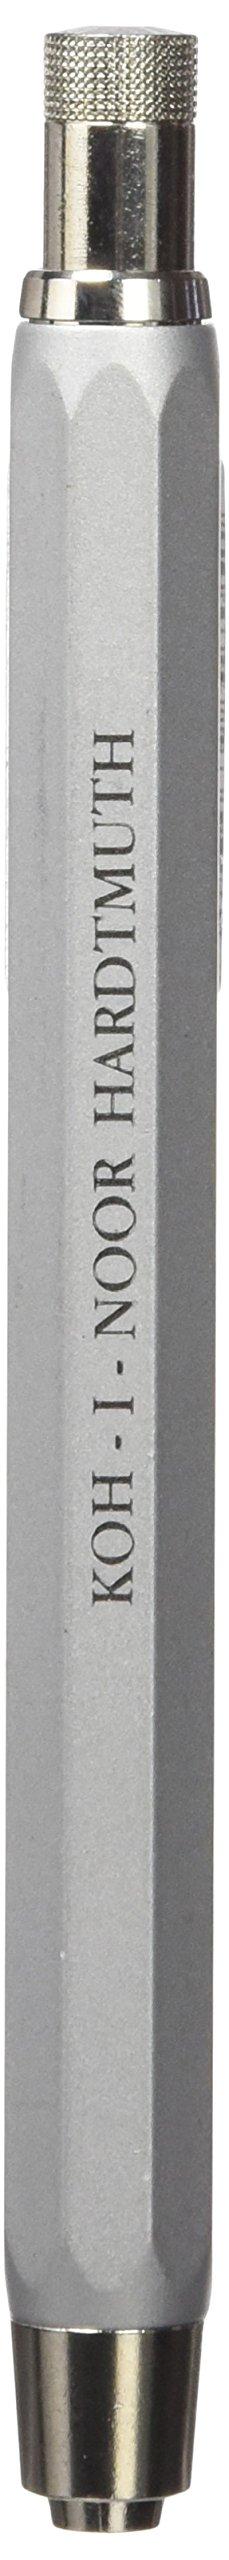 Koh-i-noor 5340 Silver All Metal Lead Holder with Built Sharpener.